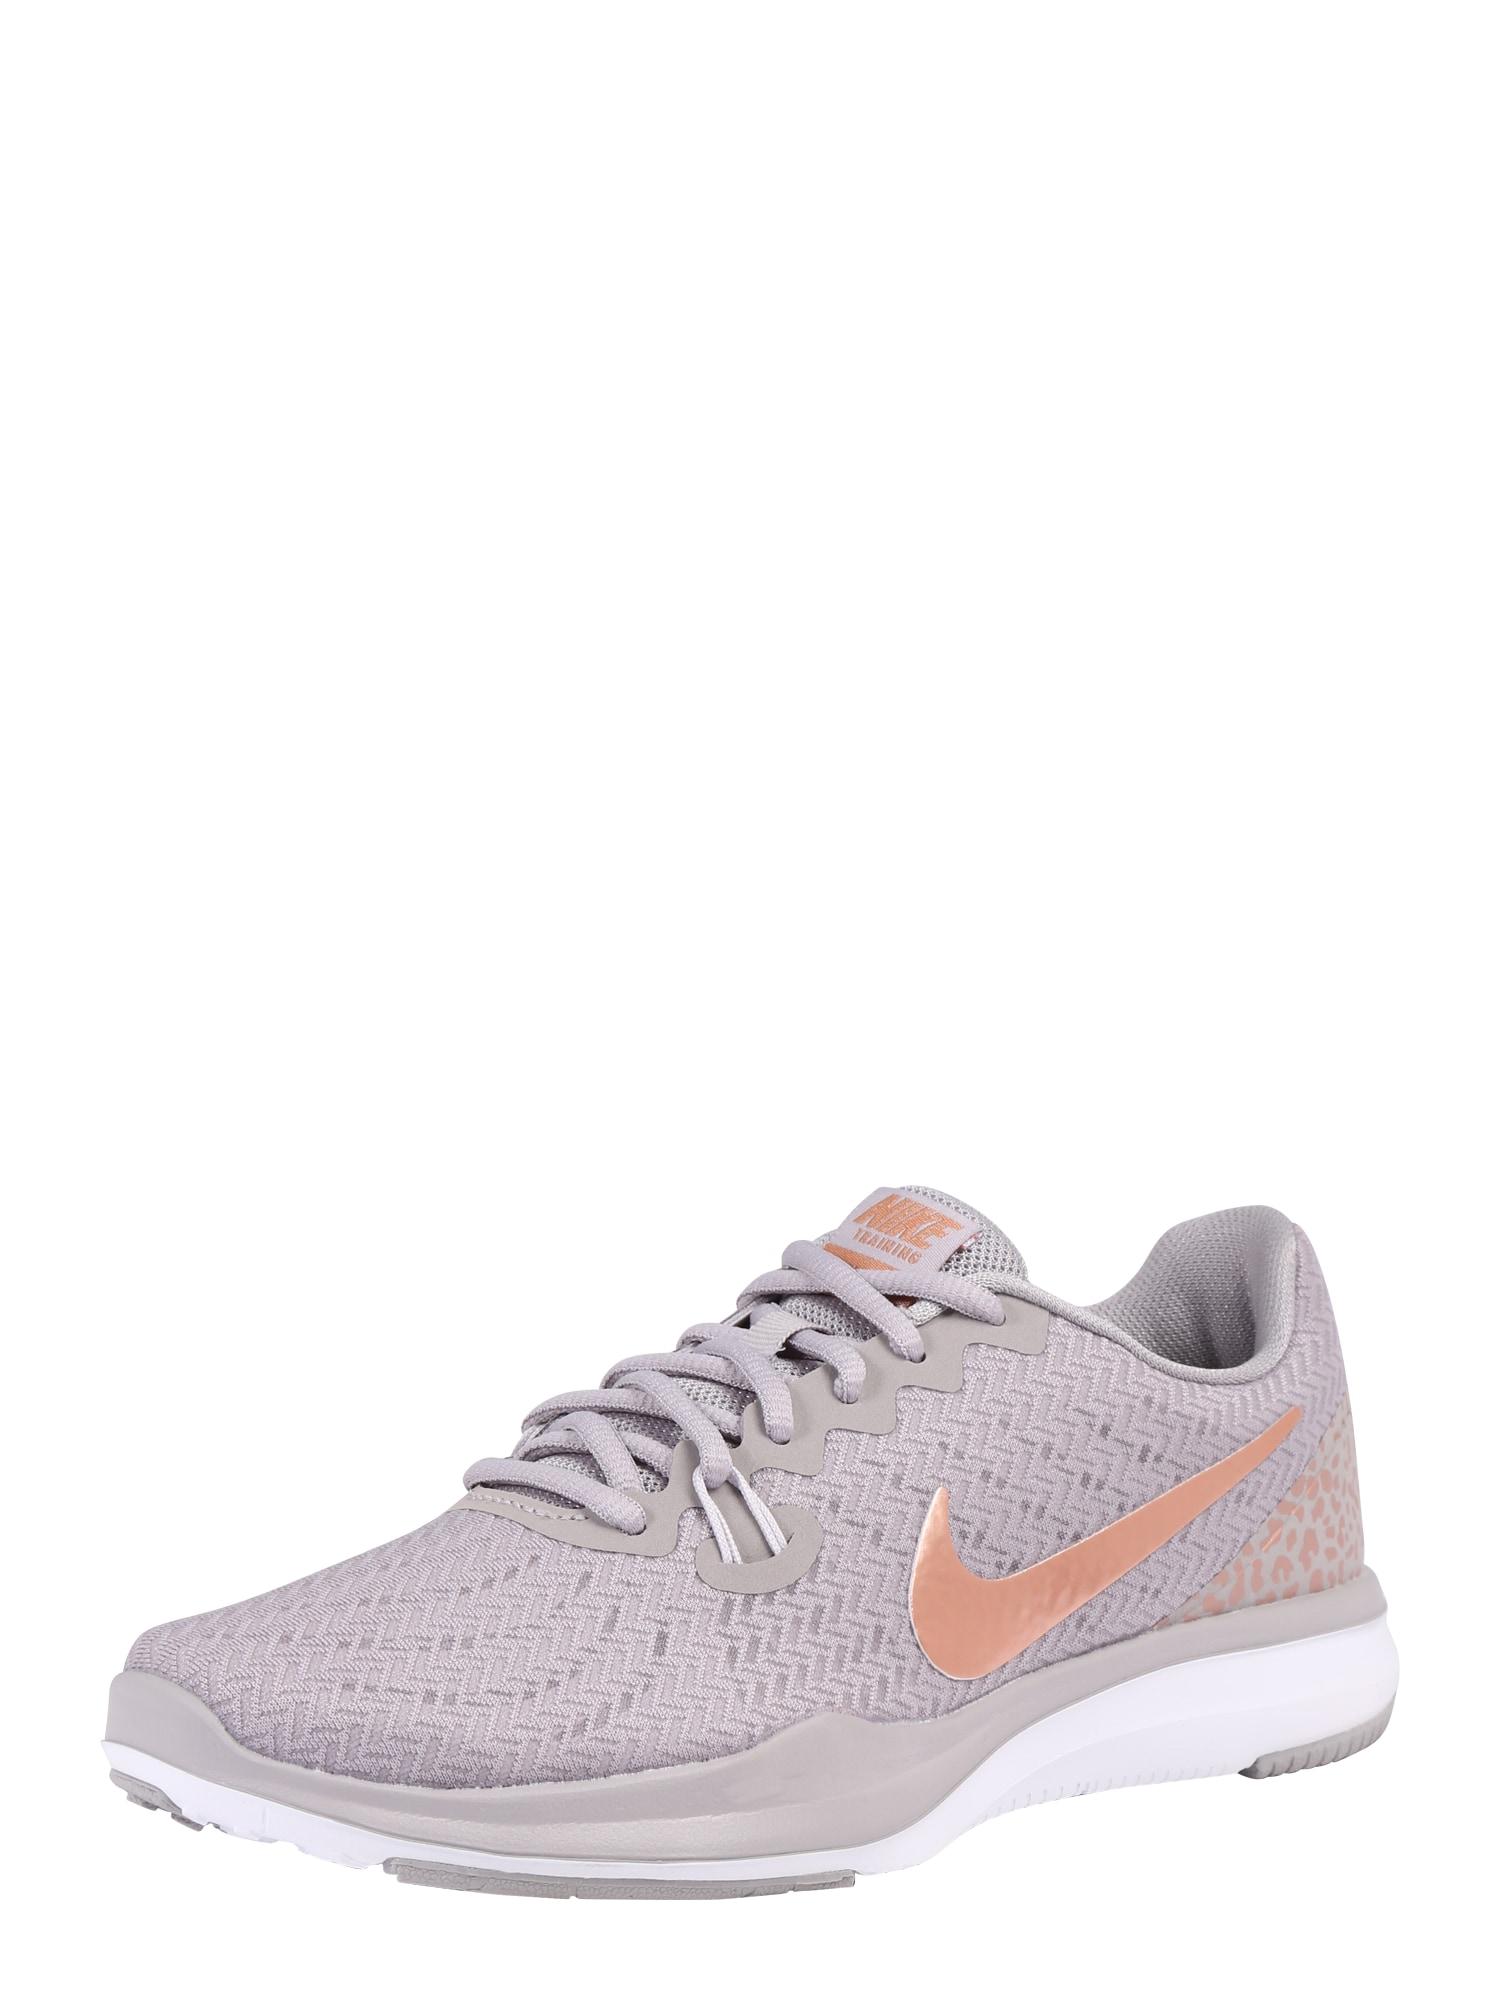 Sportovní boty In-Season 7 bronzová světle šedá NIKE